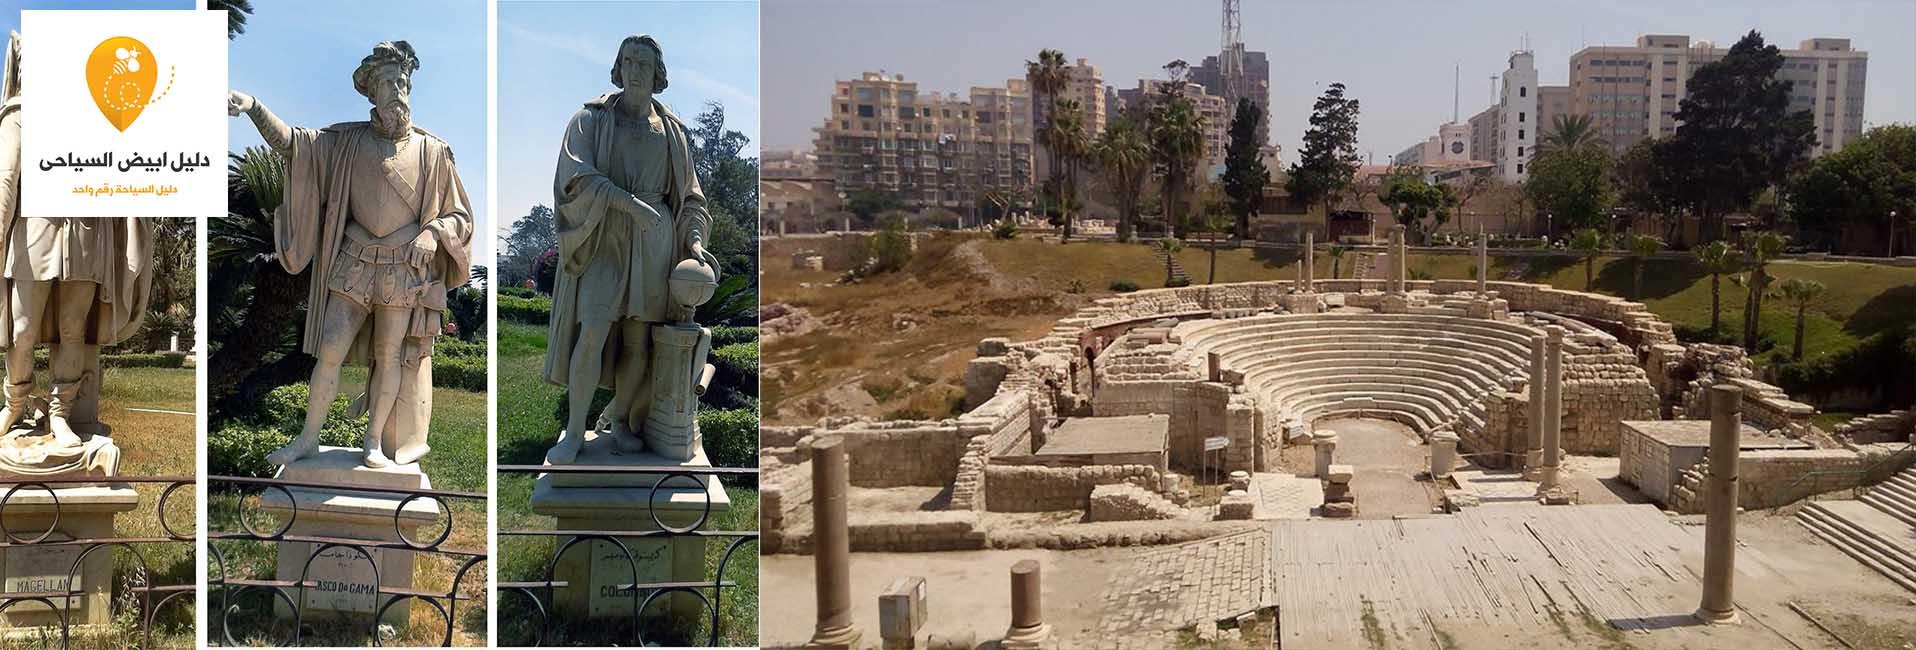 افضل الاماكن السياحية فى الاسكندرية